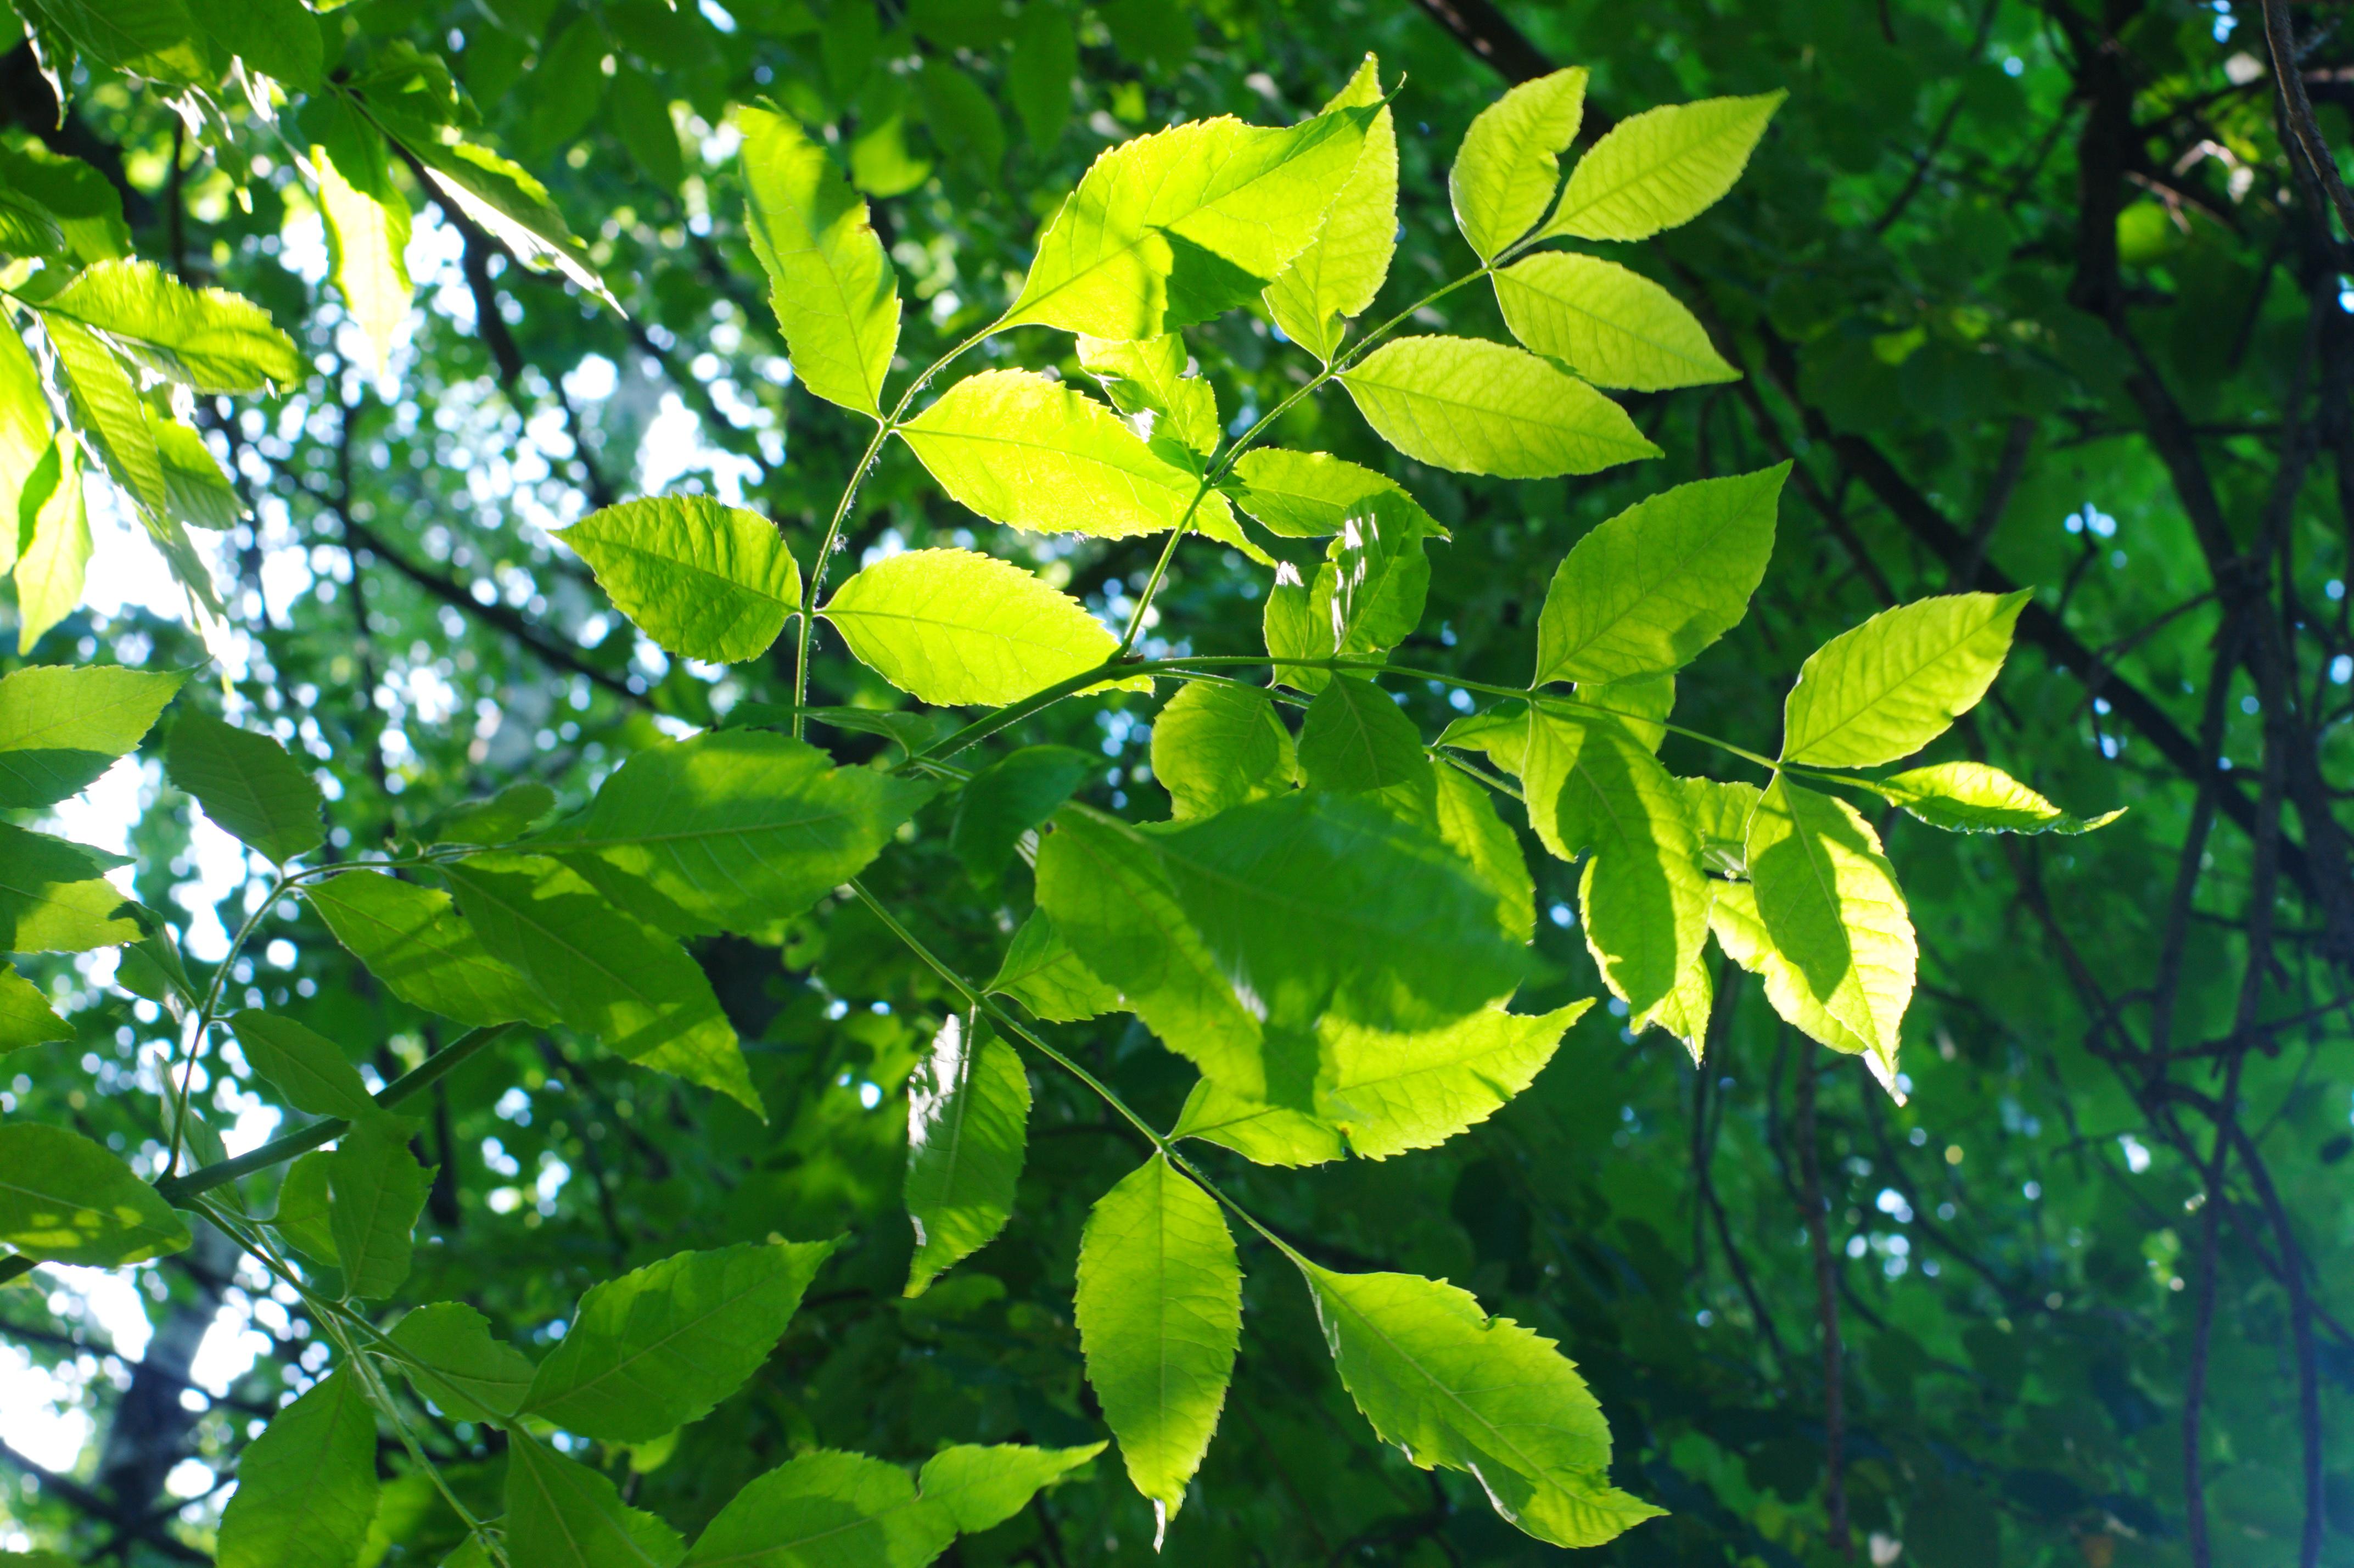 Фото листьев с названиями городских деревьев и кустарников 4